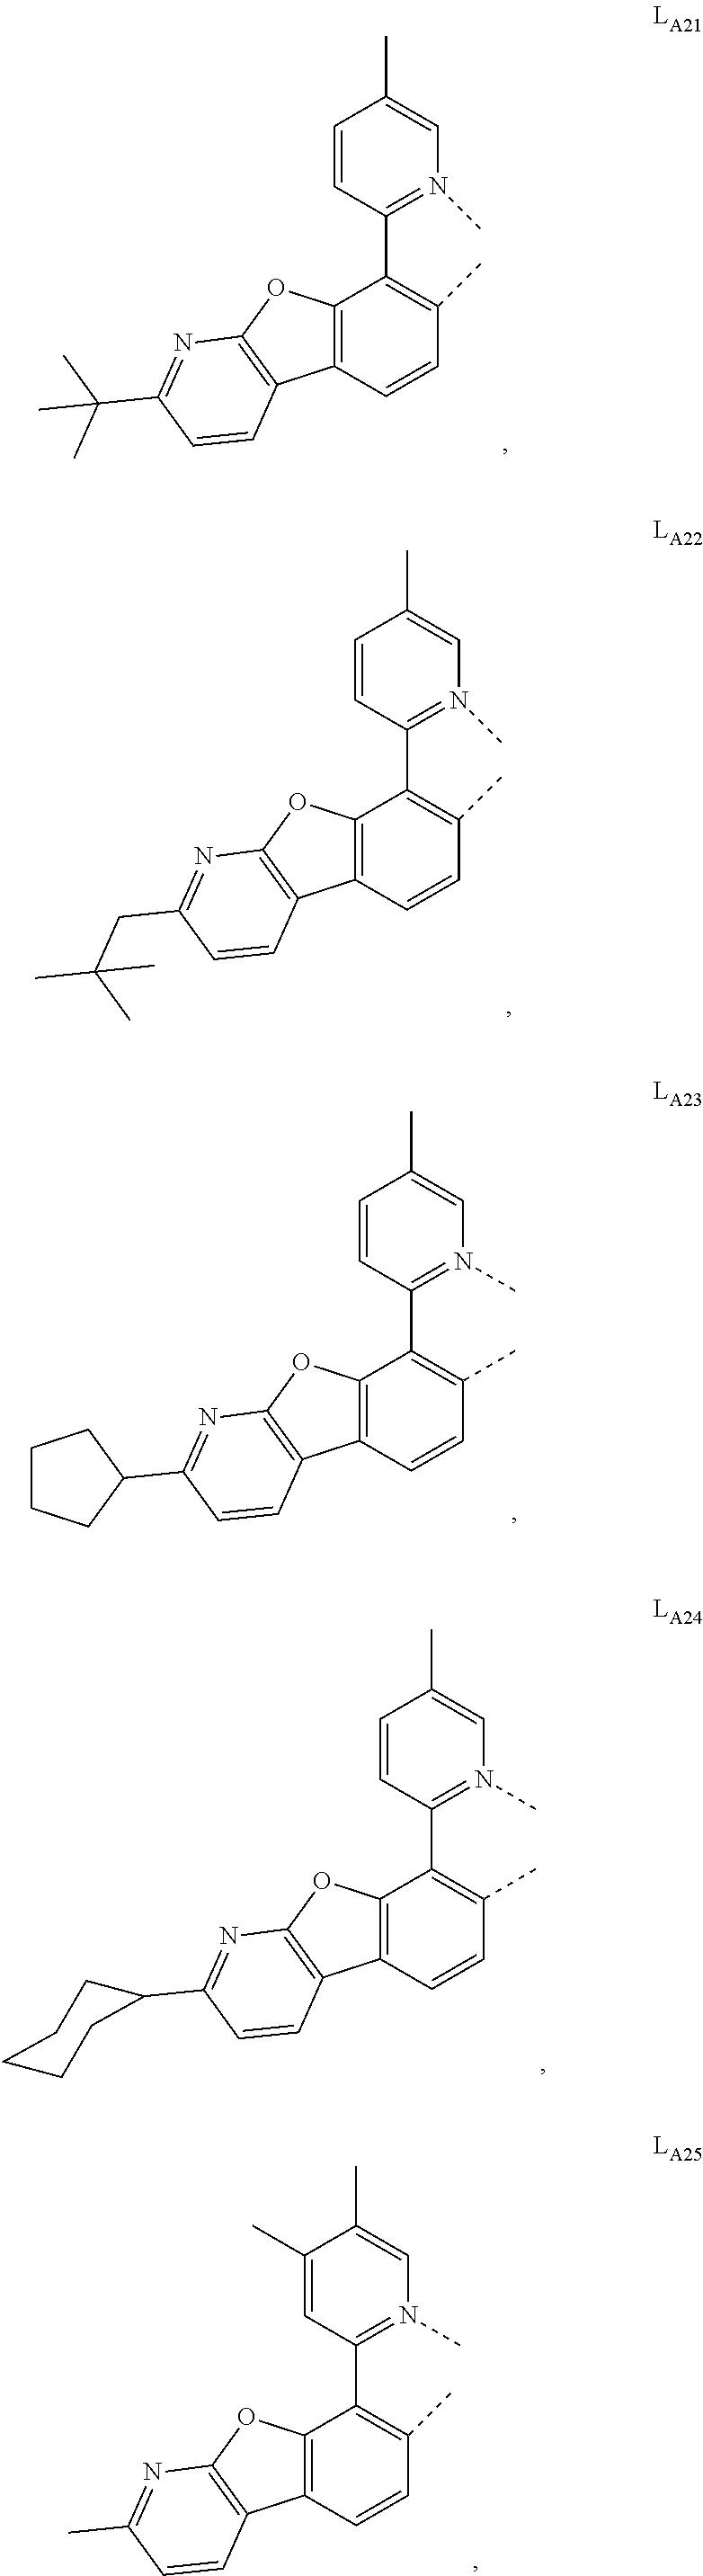 Figure US20160049599A1-20160218-C00405